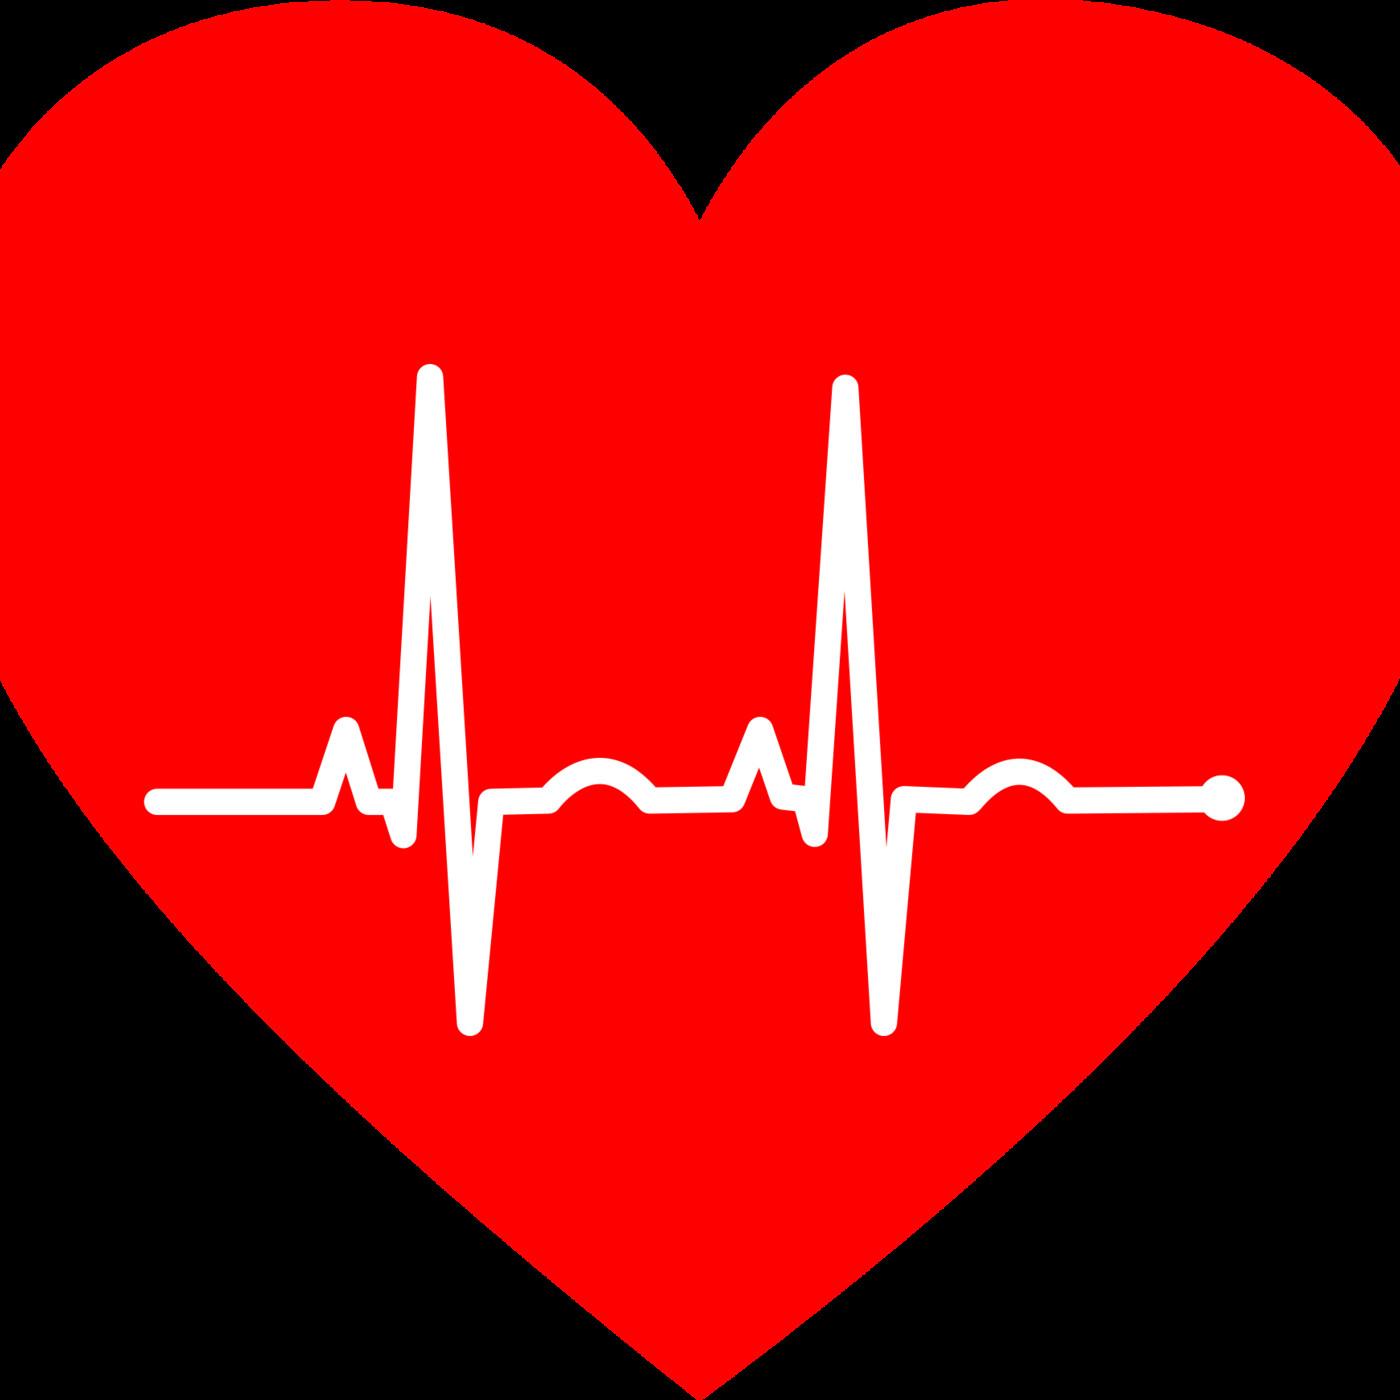 Warum werden Herzinfarkte bei Frauen seltener erkannt?